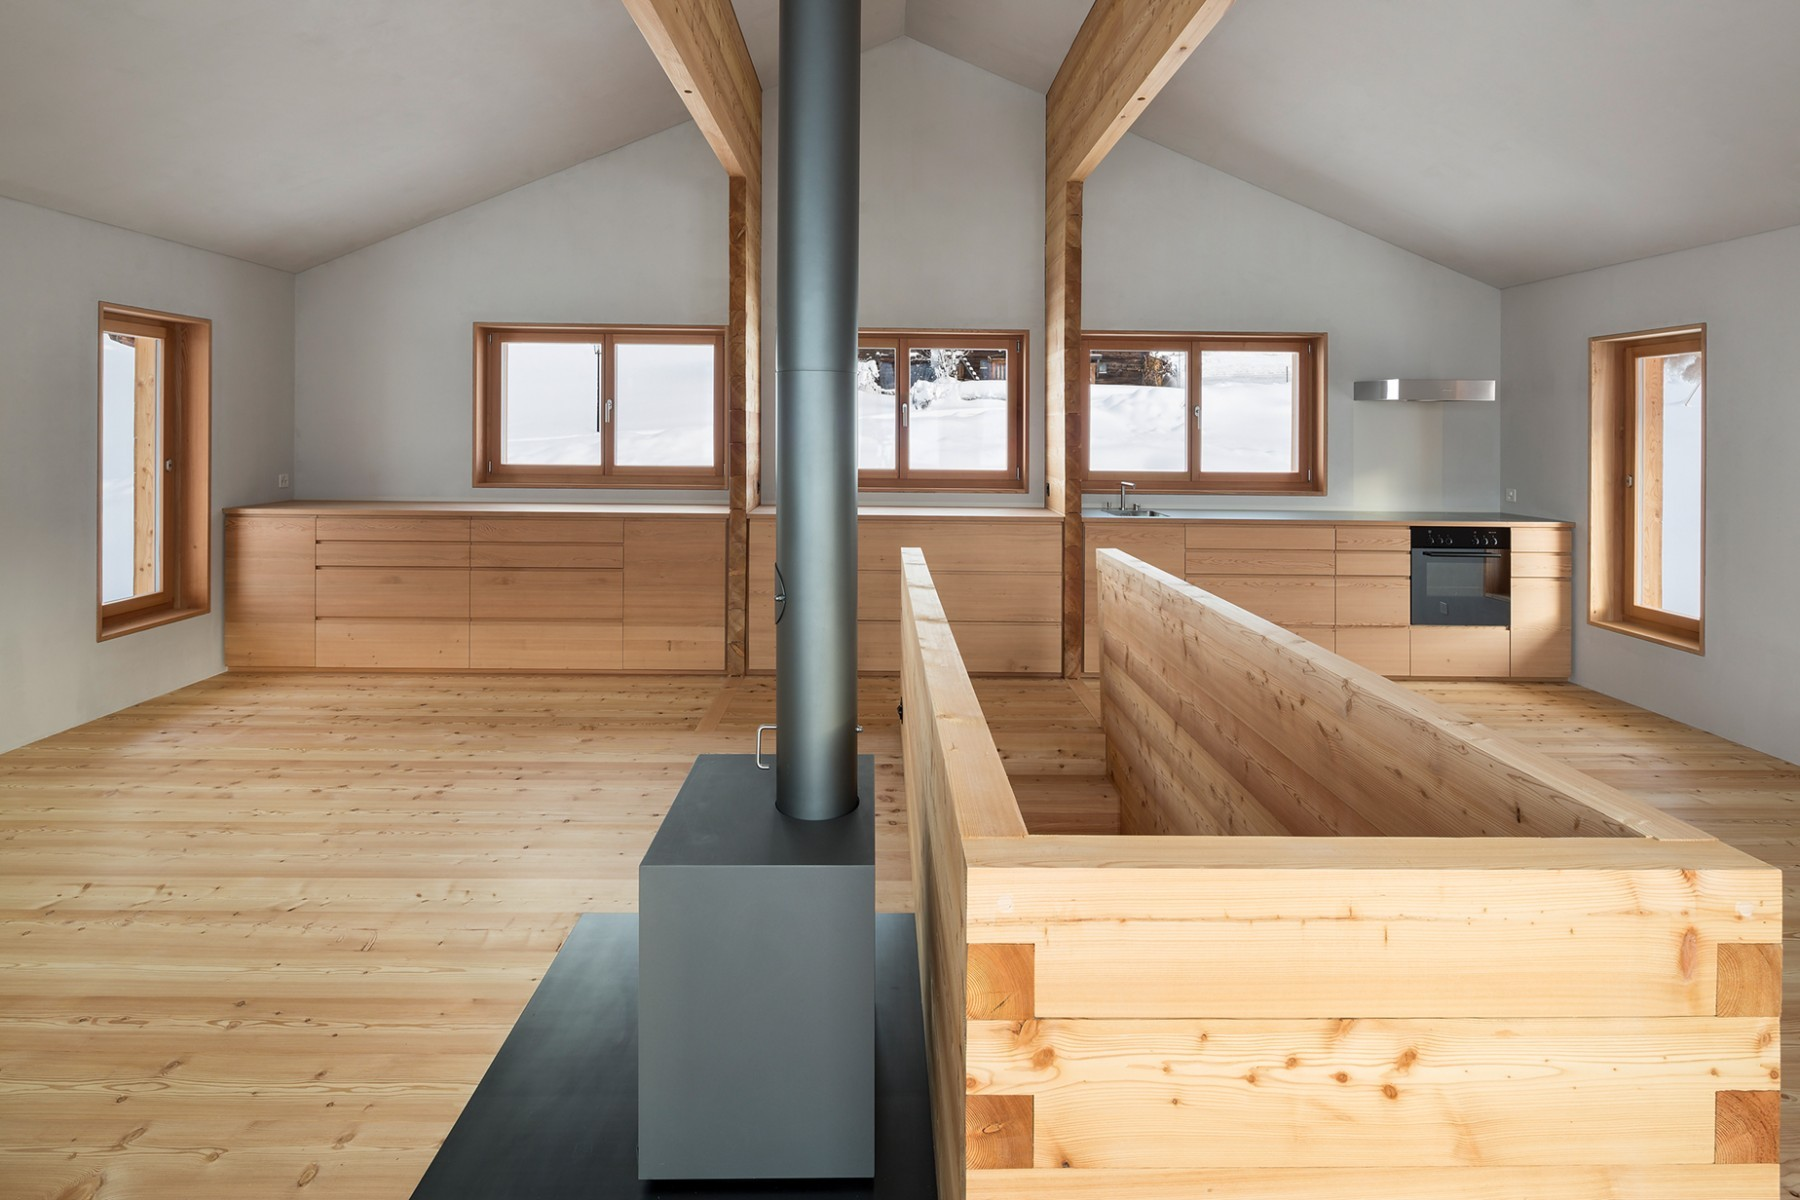 Atelierhaus Reckingen - Küche – Frontansicht